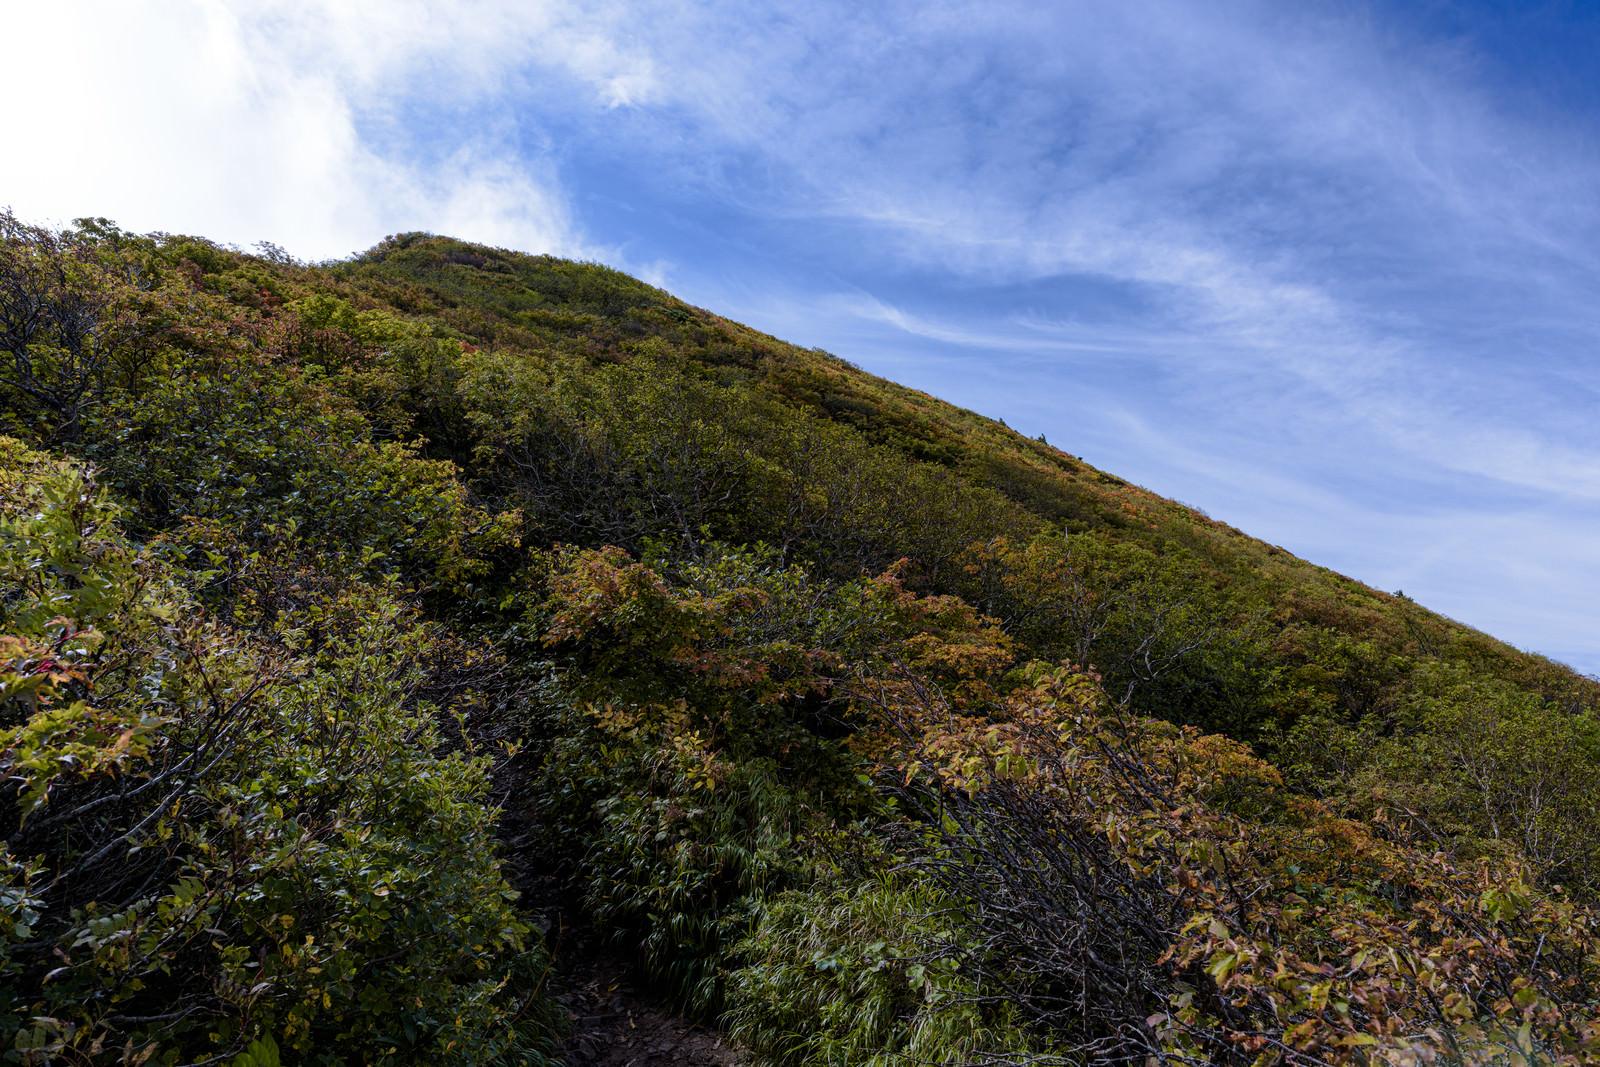 「紅葉した木々に覆われた磐梯山の山頂方面」の写真